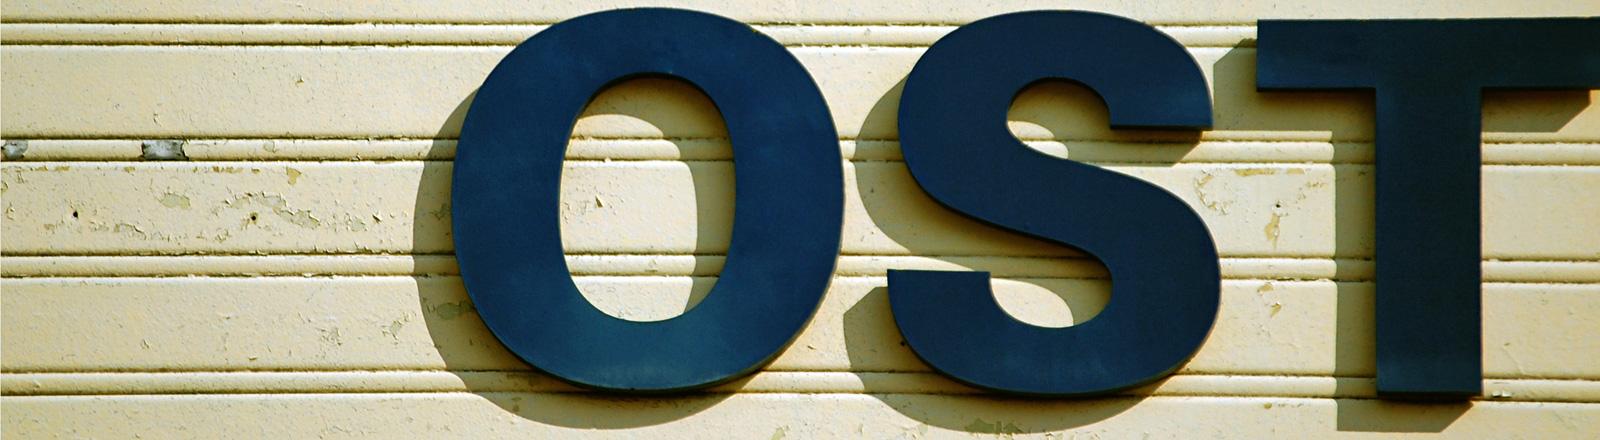 Die Buchstaben O, S und T hängen an einer Wand nebeneinander, also OST. Das P davor scheint zu fehlen.